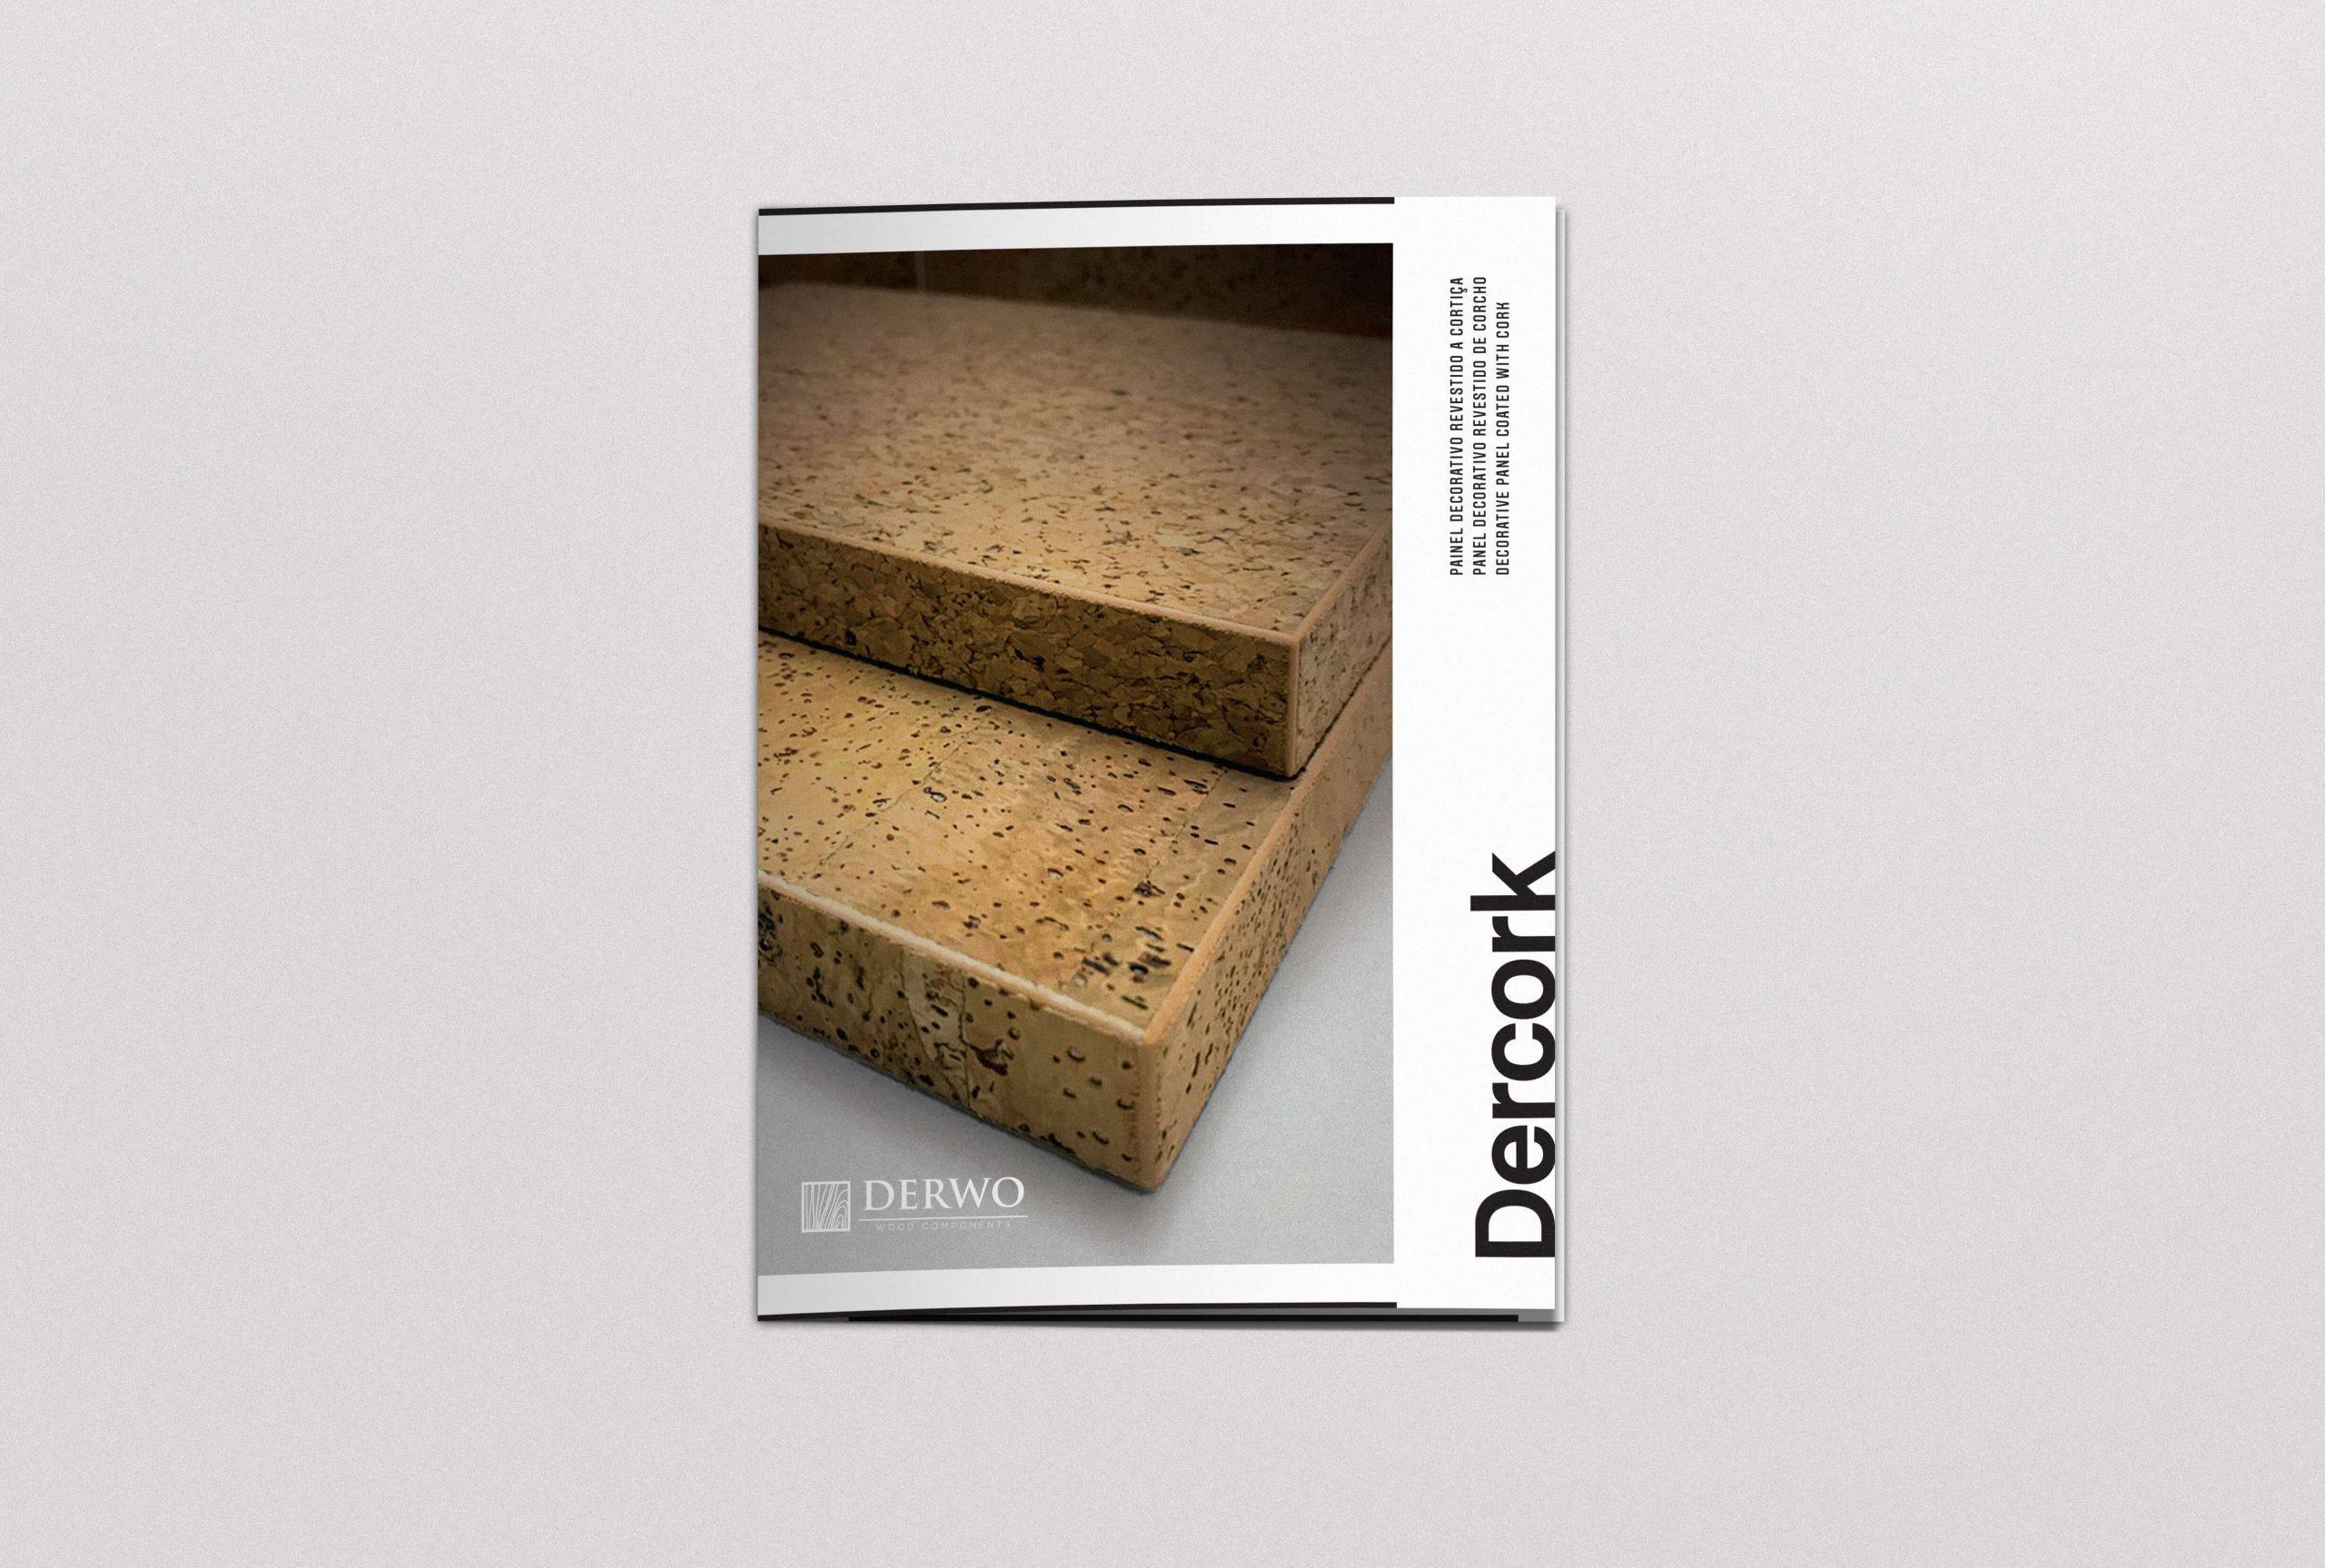 DerCork